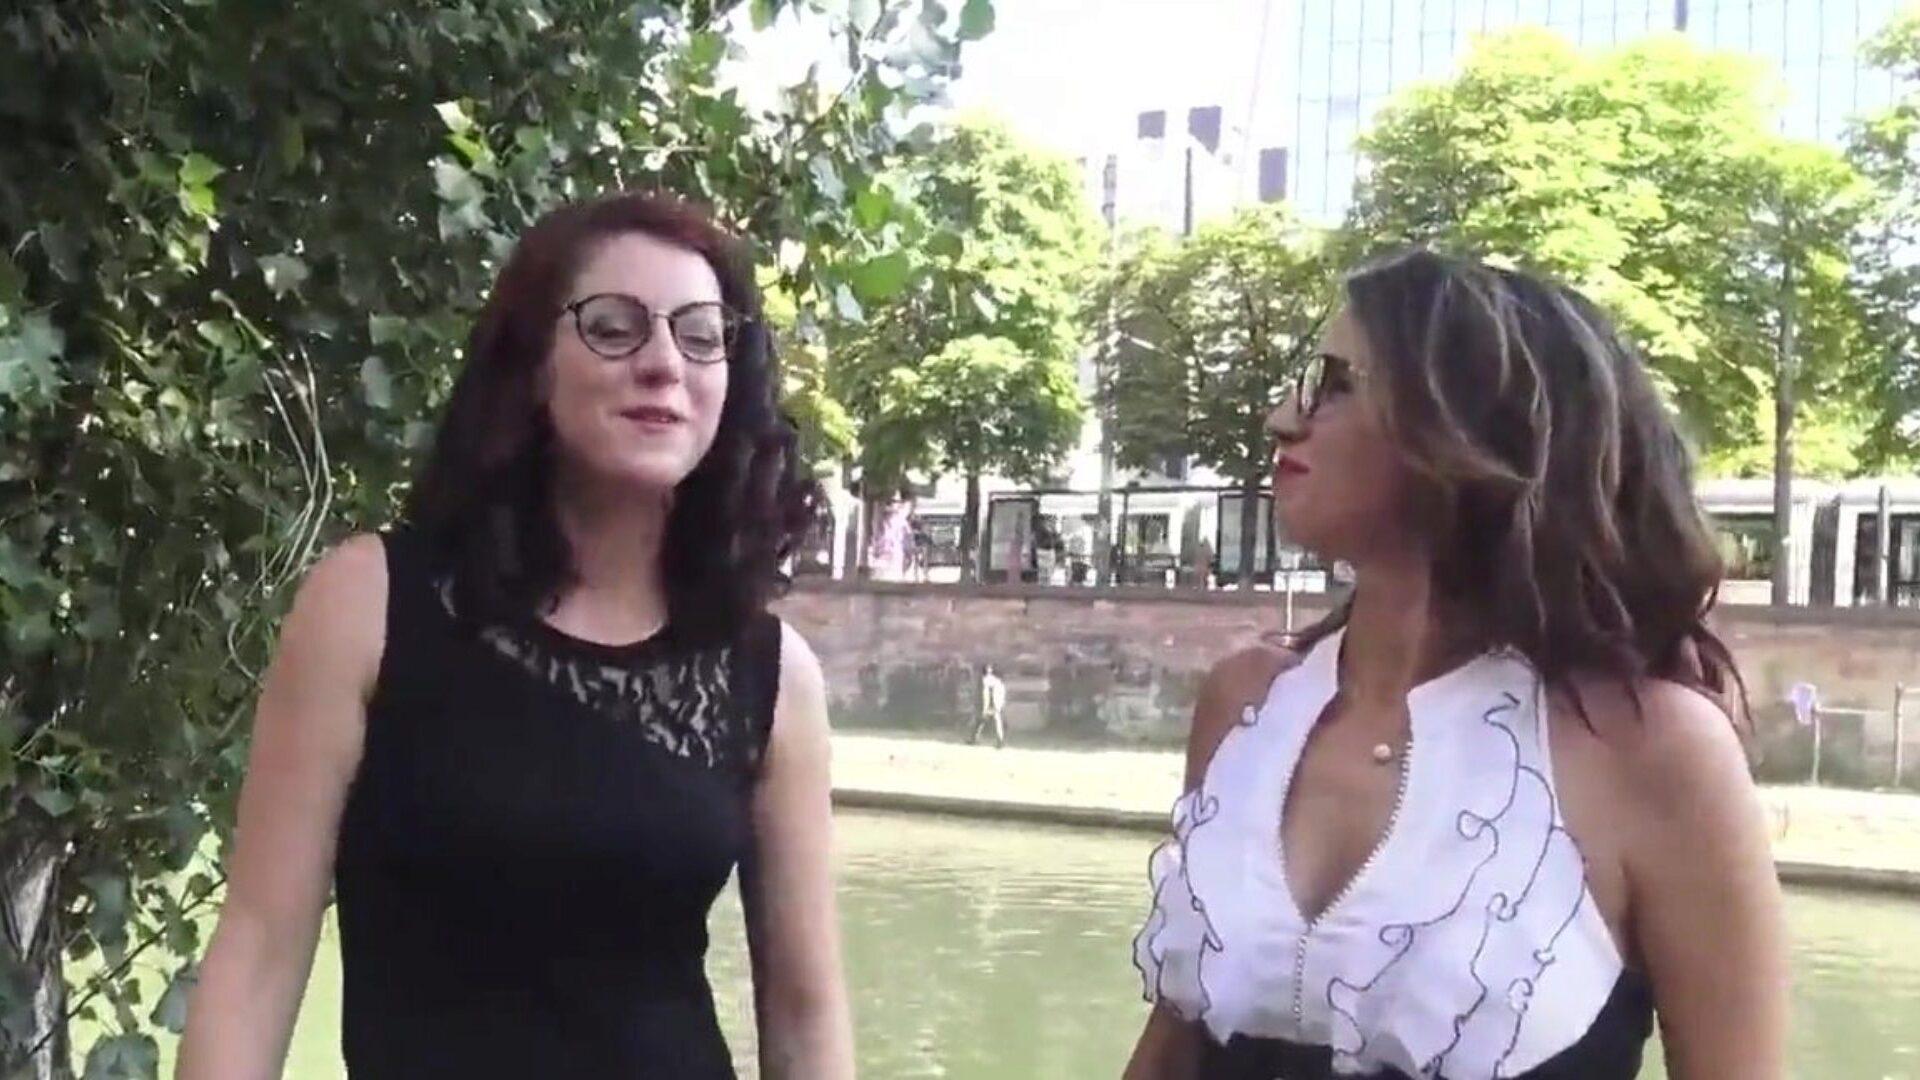 Gratis två franska kvinnor porr filmer - lesbisk porr